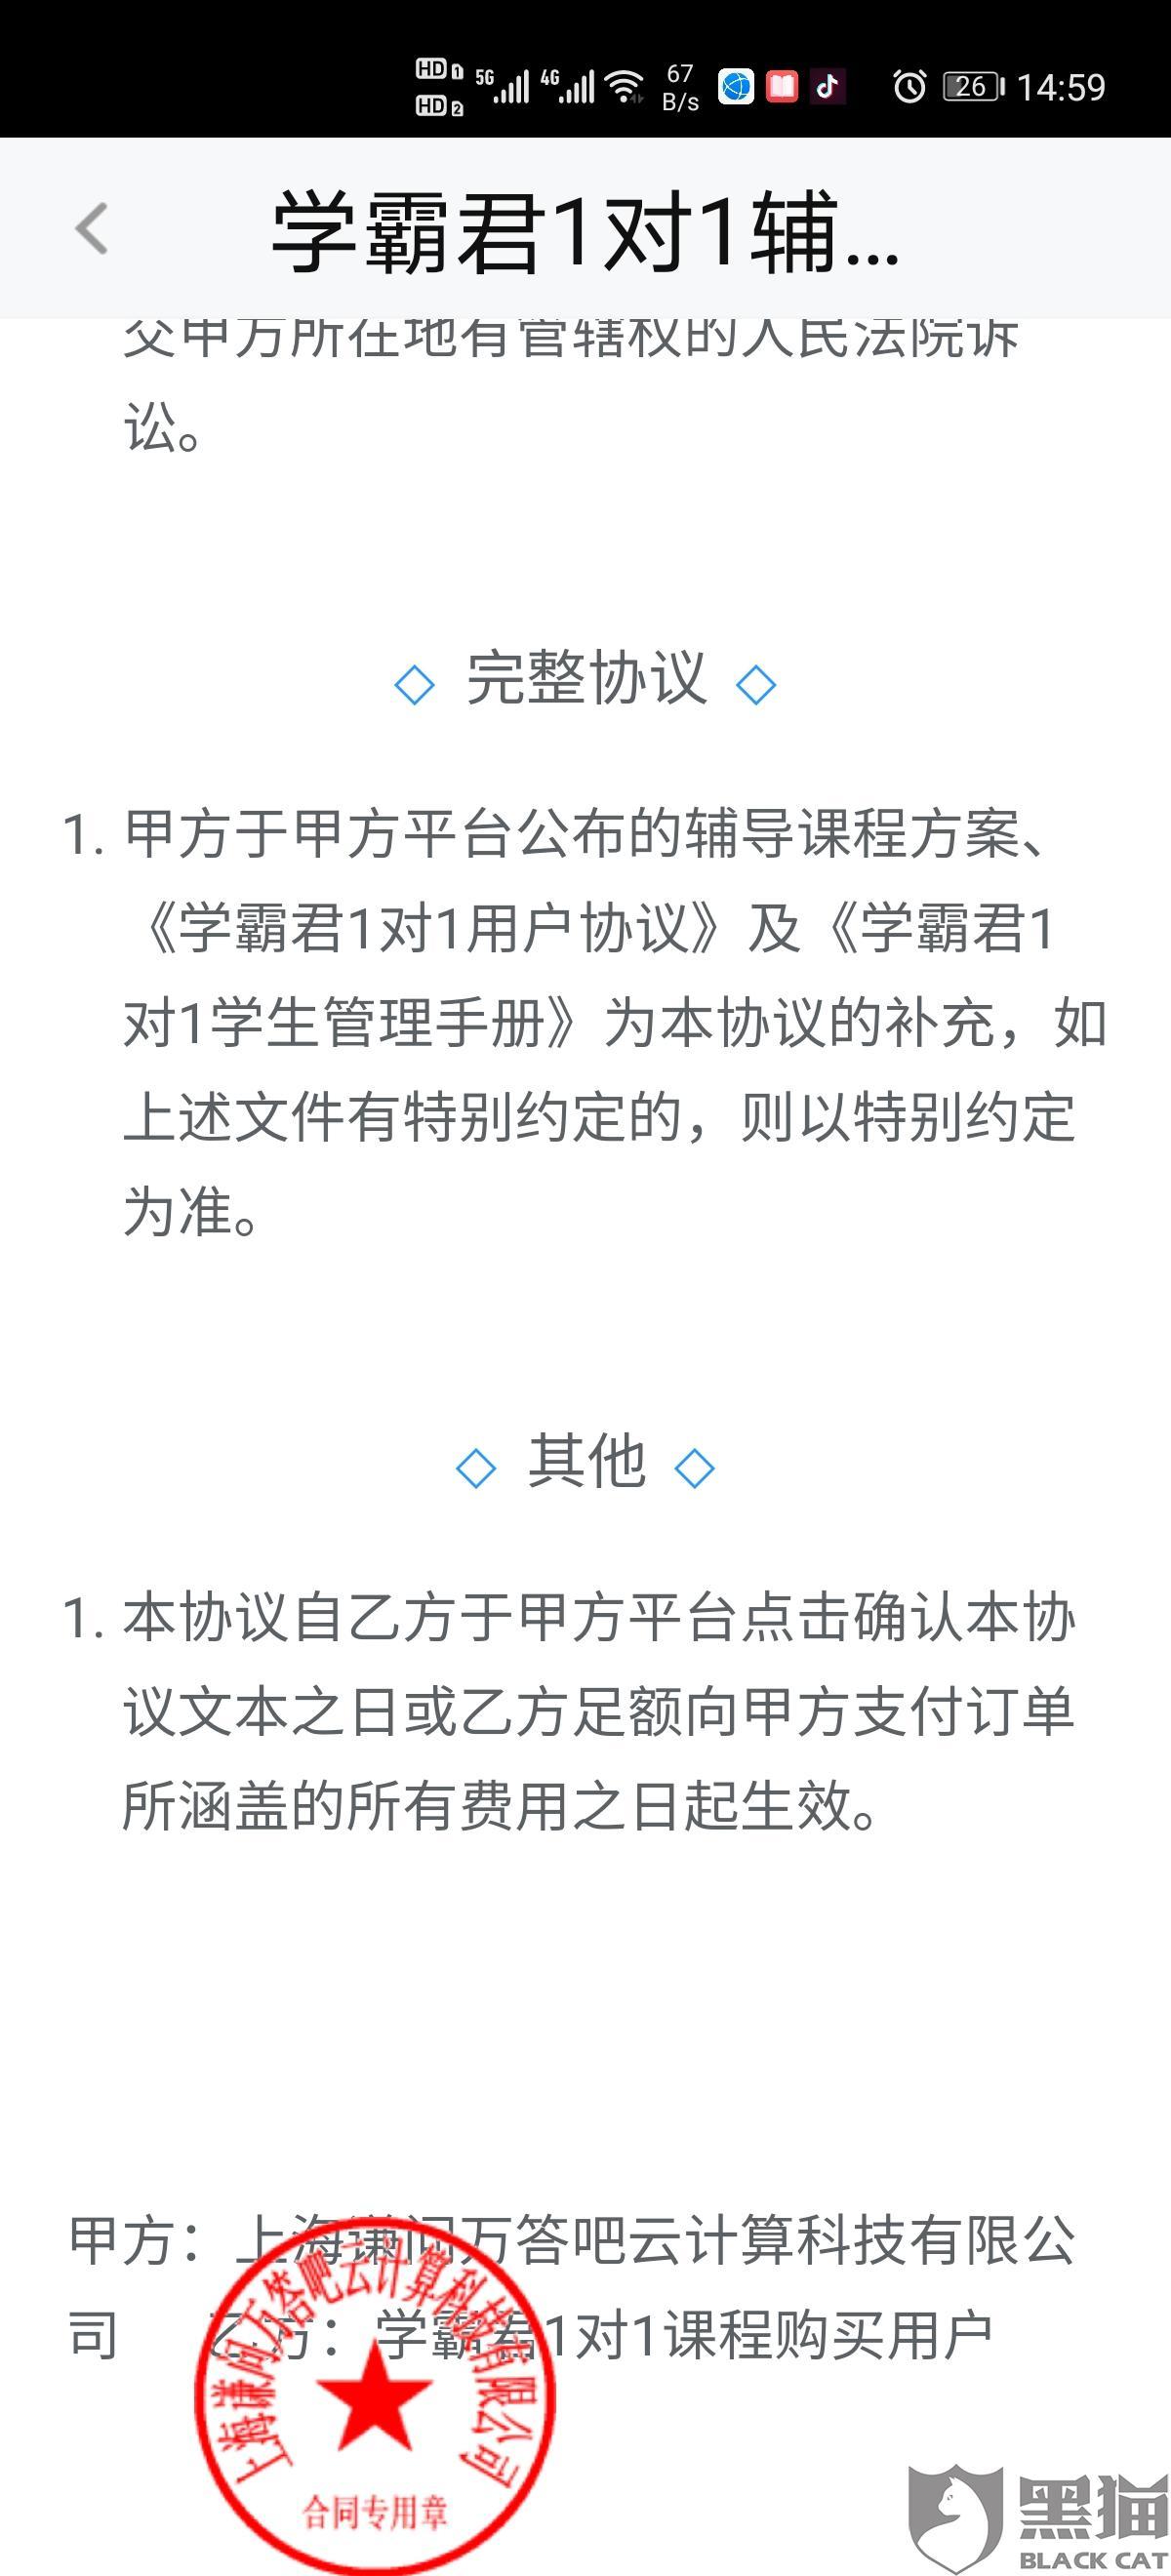 黑猫投诉:学霸君网络教学平台(北京)不退学费